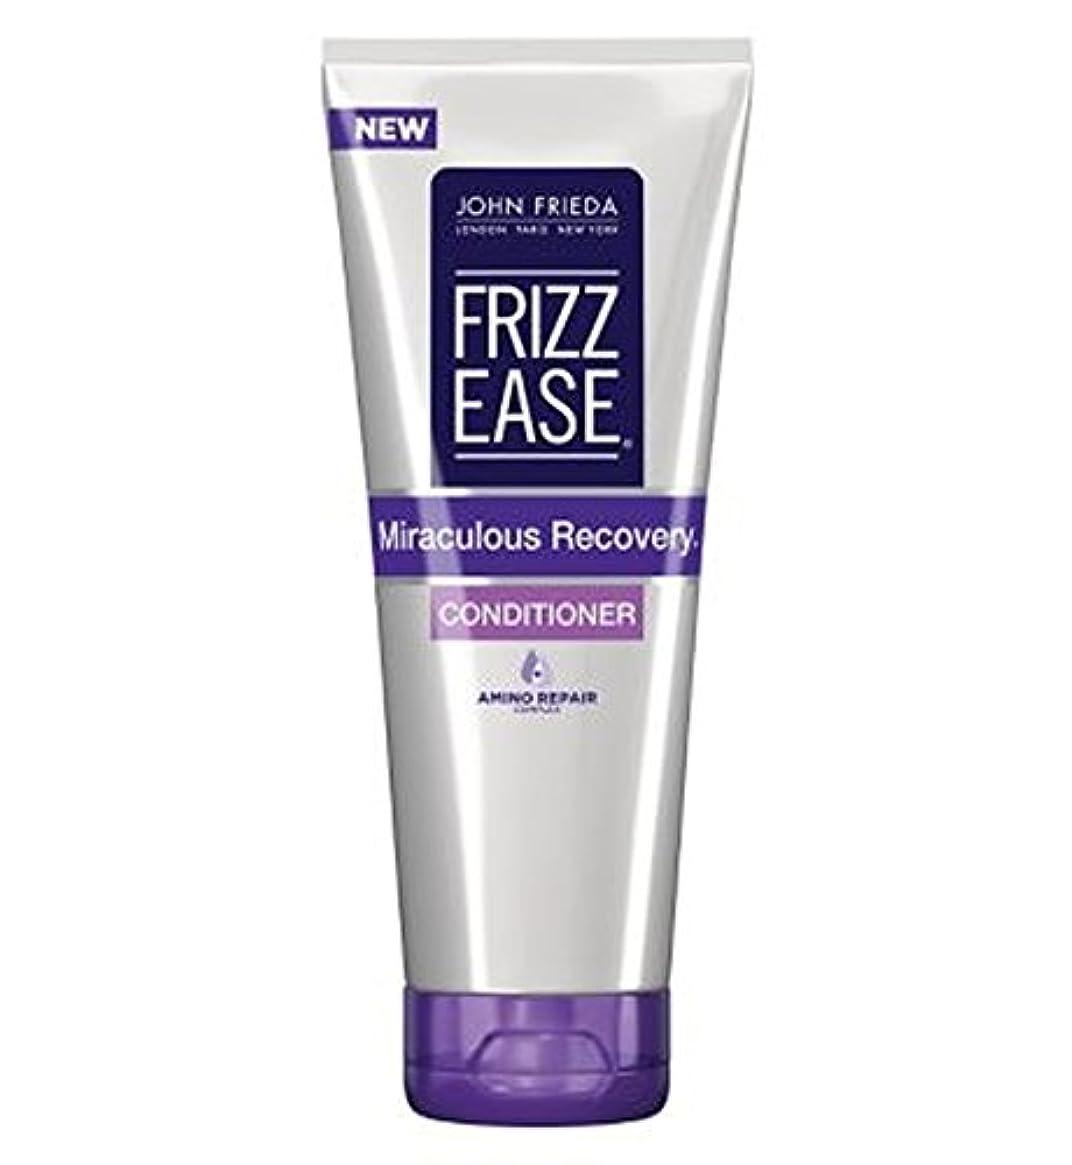 事件、出来事学習者タイトジョン?フリーダ縮れ容易奇跡的な回復コンディショナー250Ml (John Frieda) (x2) - John Frieda Frizz Ease Miraculous Recovery Conditioner 250ml...